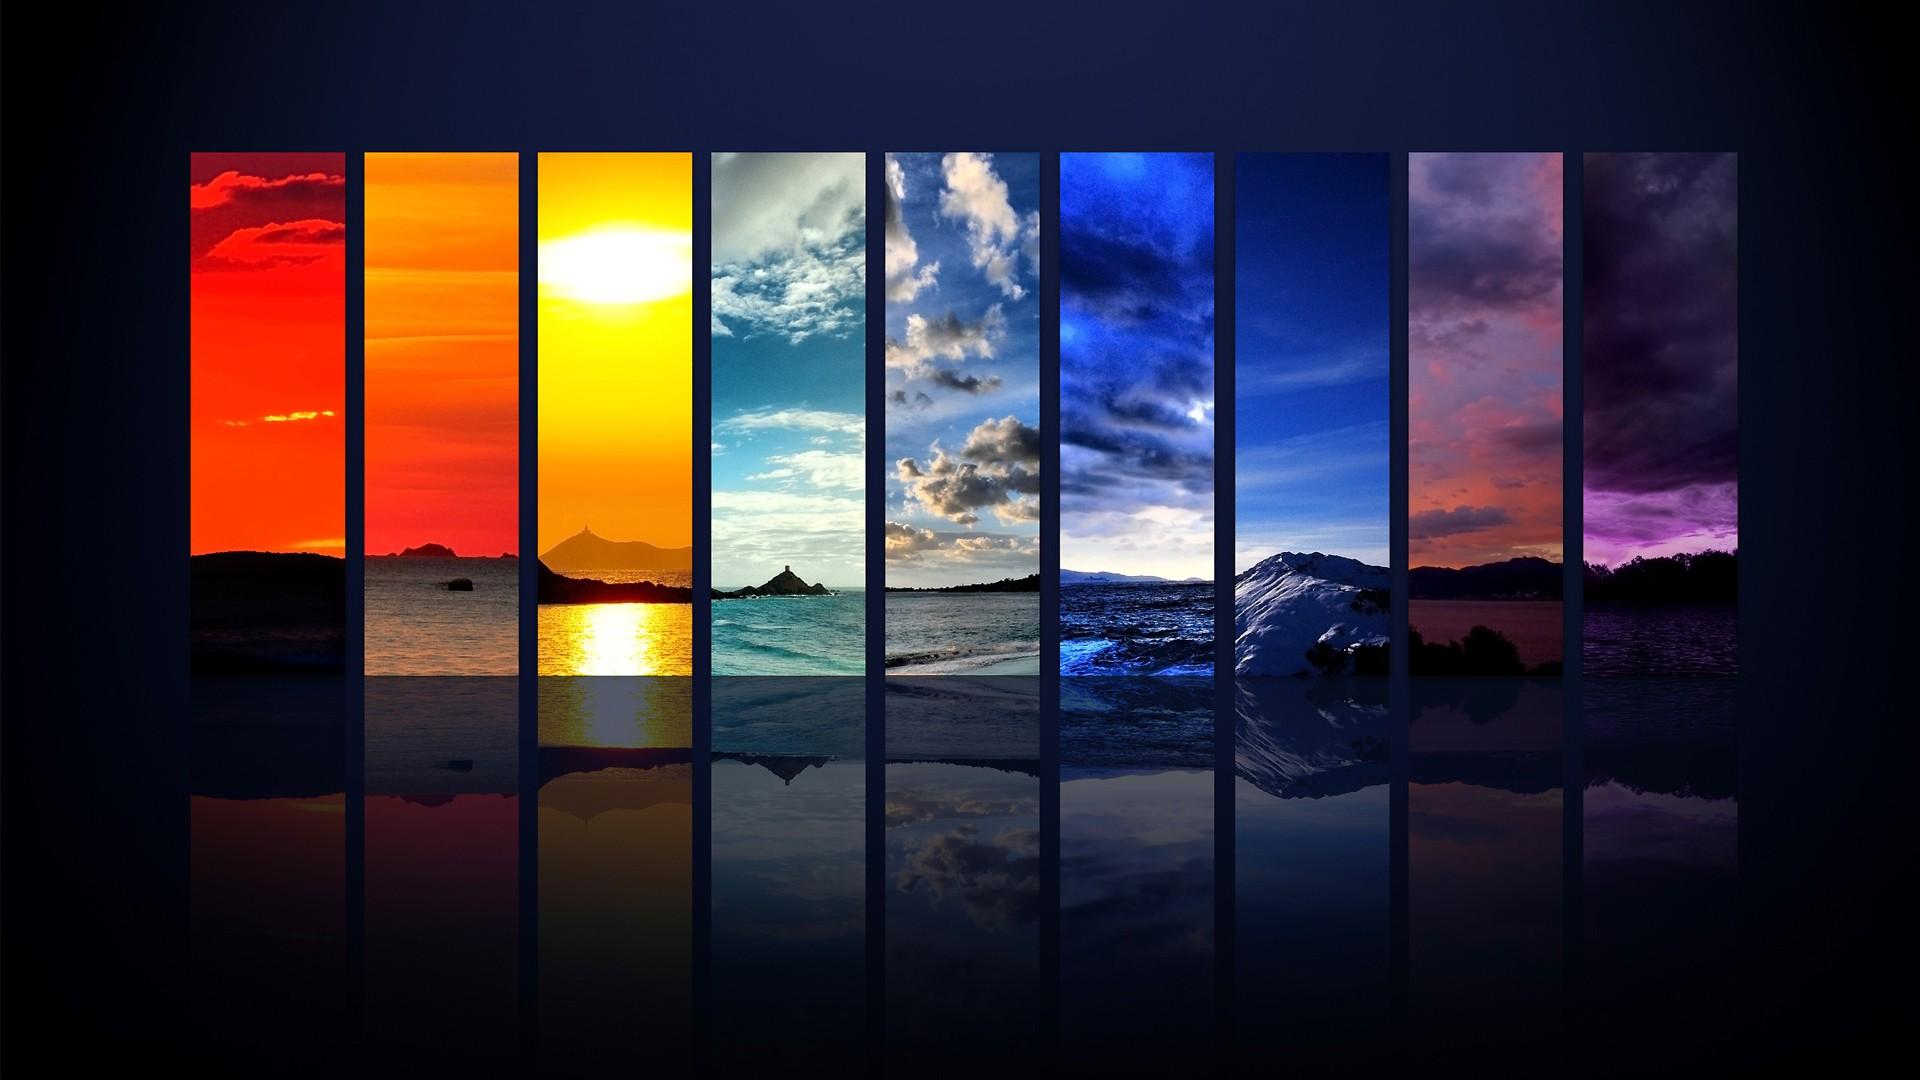 hdwallpaper2013comhdcool desktop backgrounds hd wallpaperhtml 1920x1080